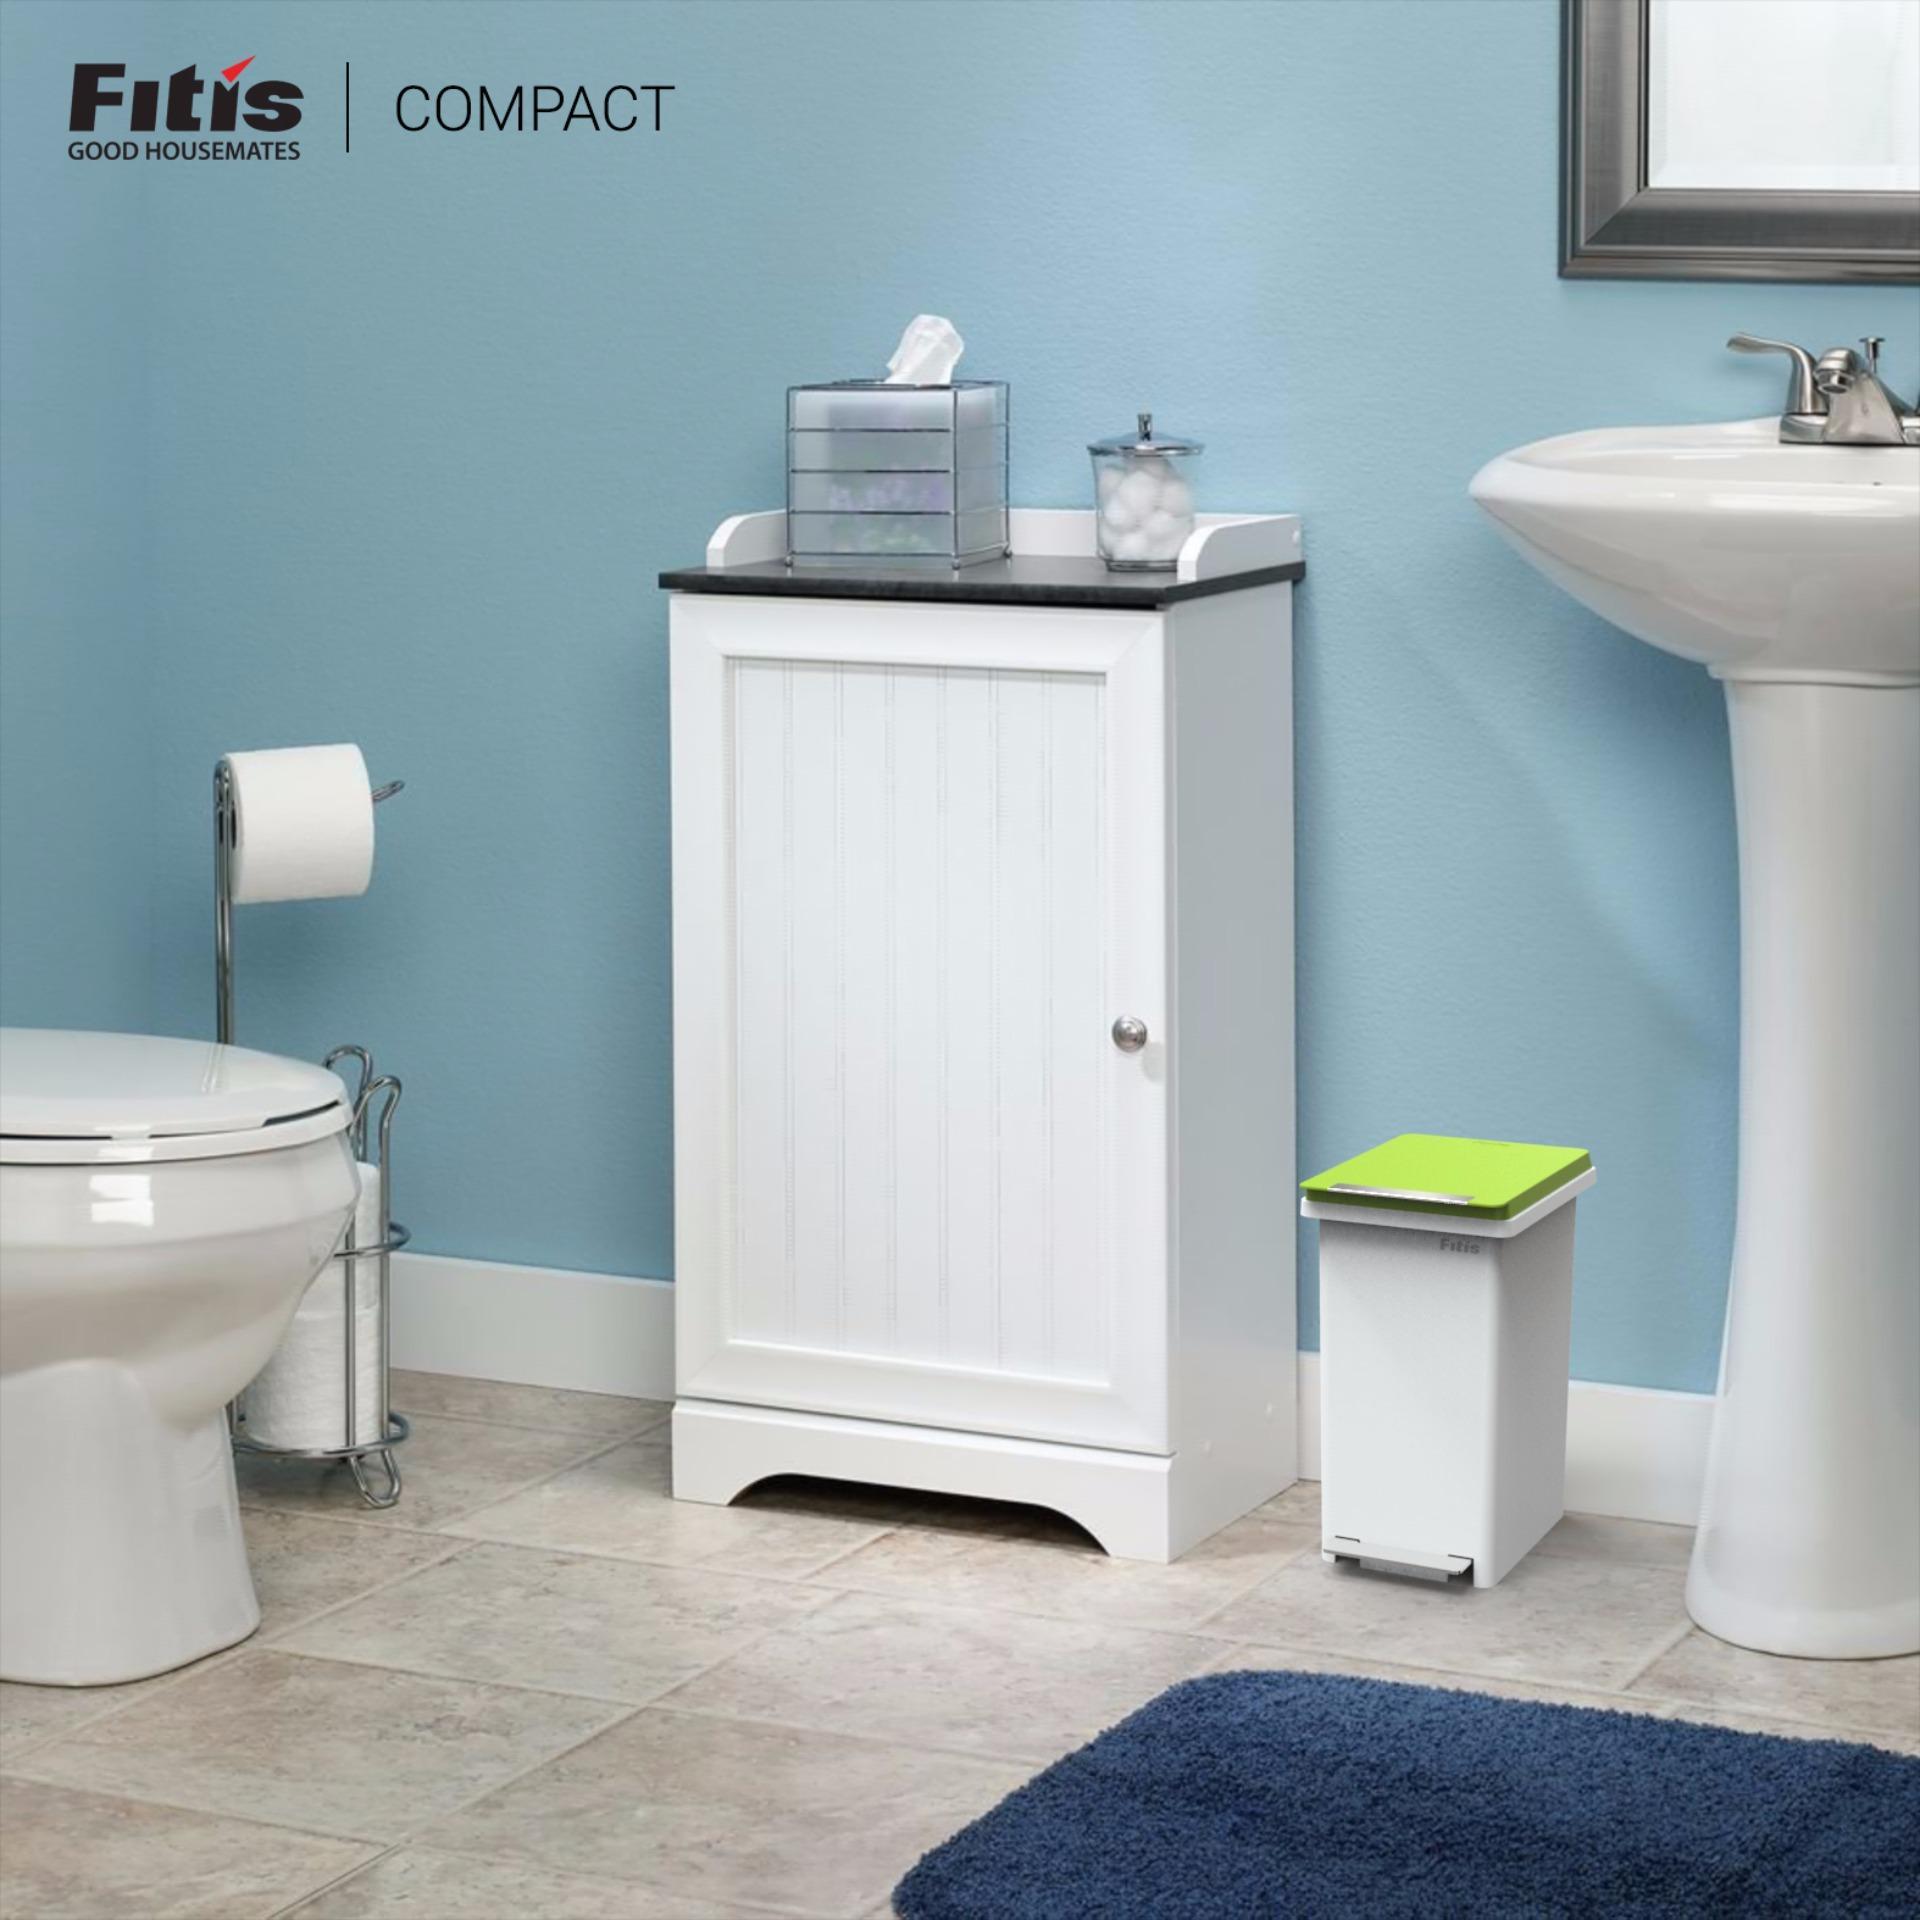 Thùng rác Fitis Compact PPS1-901.A